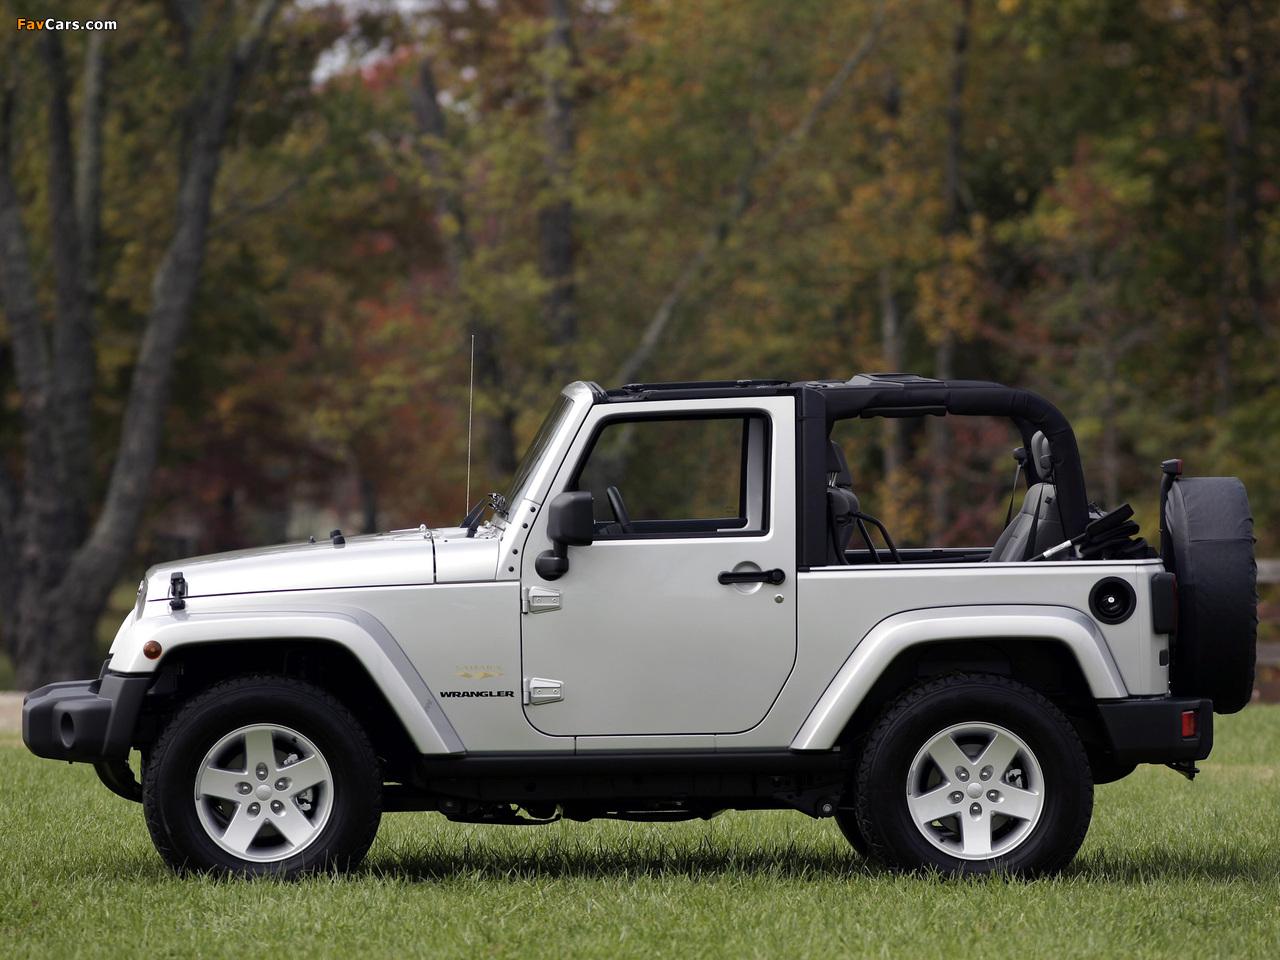 Jeep Wrangler Sahara (JK) 2007 images (1280 x 960)